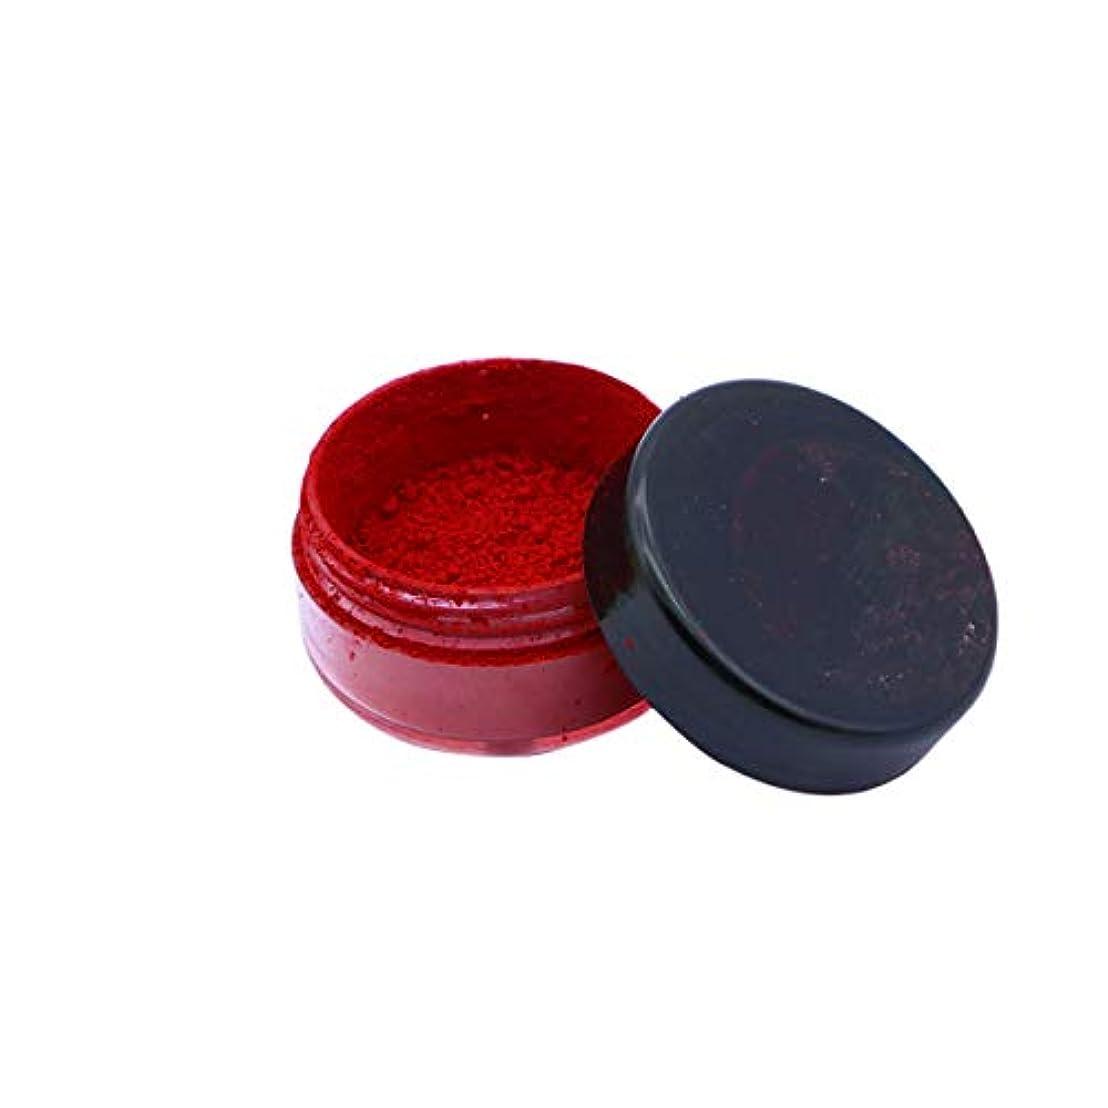 松の木肥料取るに足らないLurrose 化粧マイカ顔料パウダーシマーマイカ顔料パウダー用diy口紅石鹸作りローション